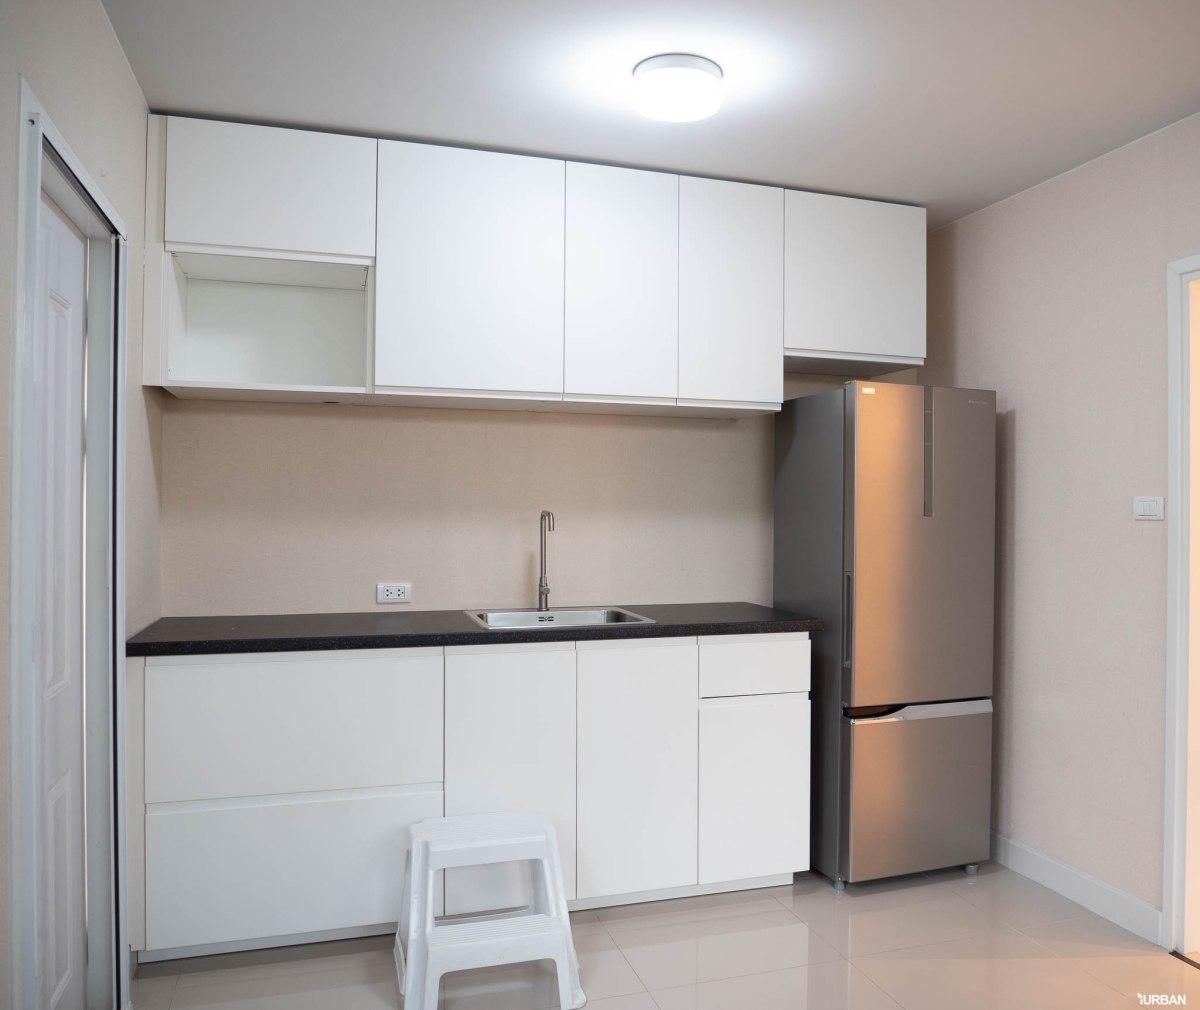 ไอเดียแต่งบ้าน รีโนเวทครัวให้สวยหรูสไตล์ Modern Luxury แบบจบงานไว ไม่กระทบโครงสร้างเดิม 25 - jorakay